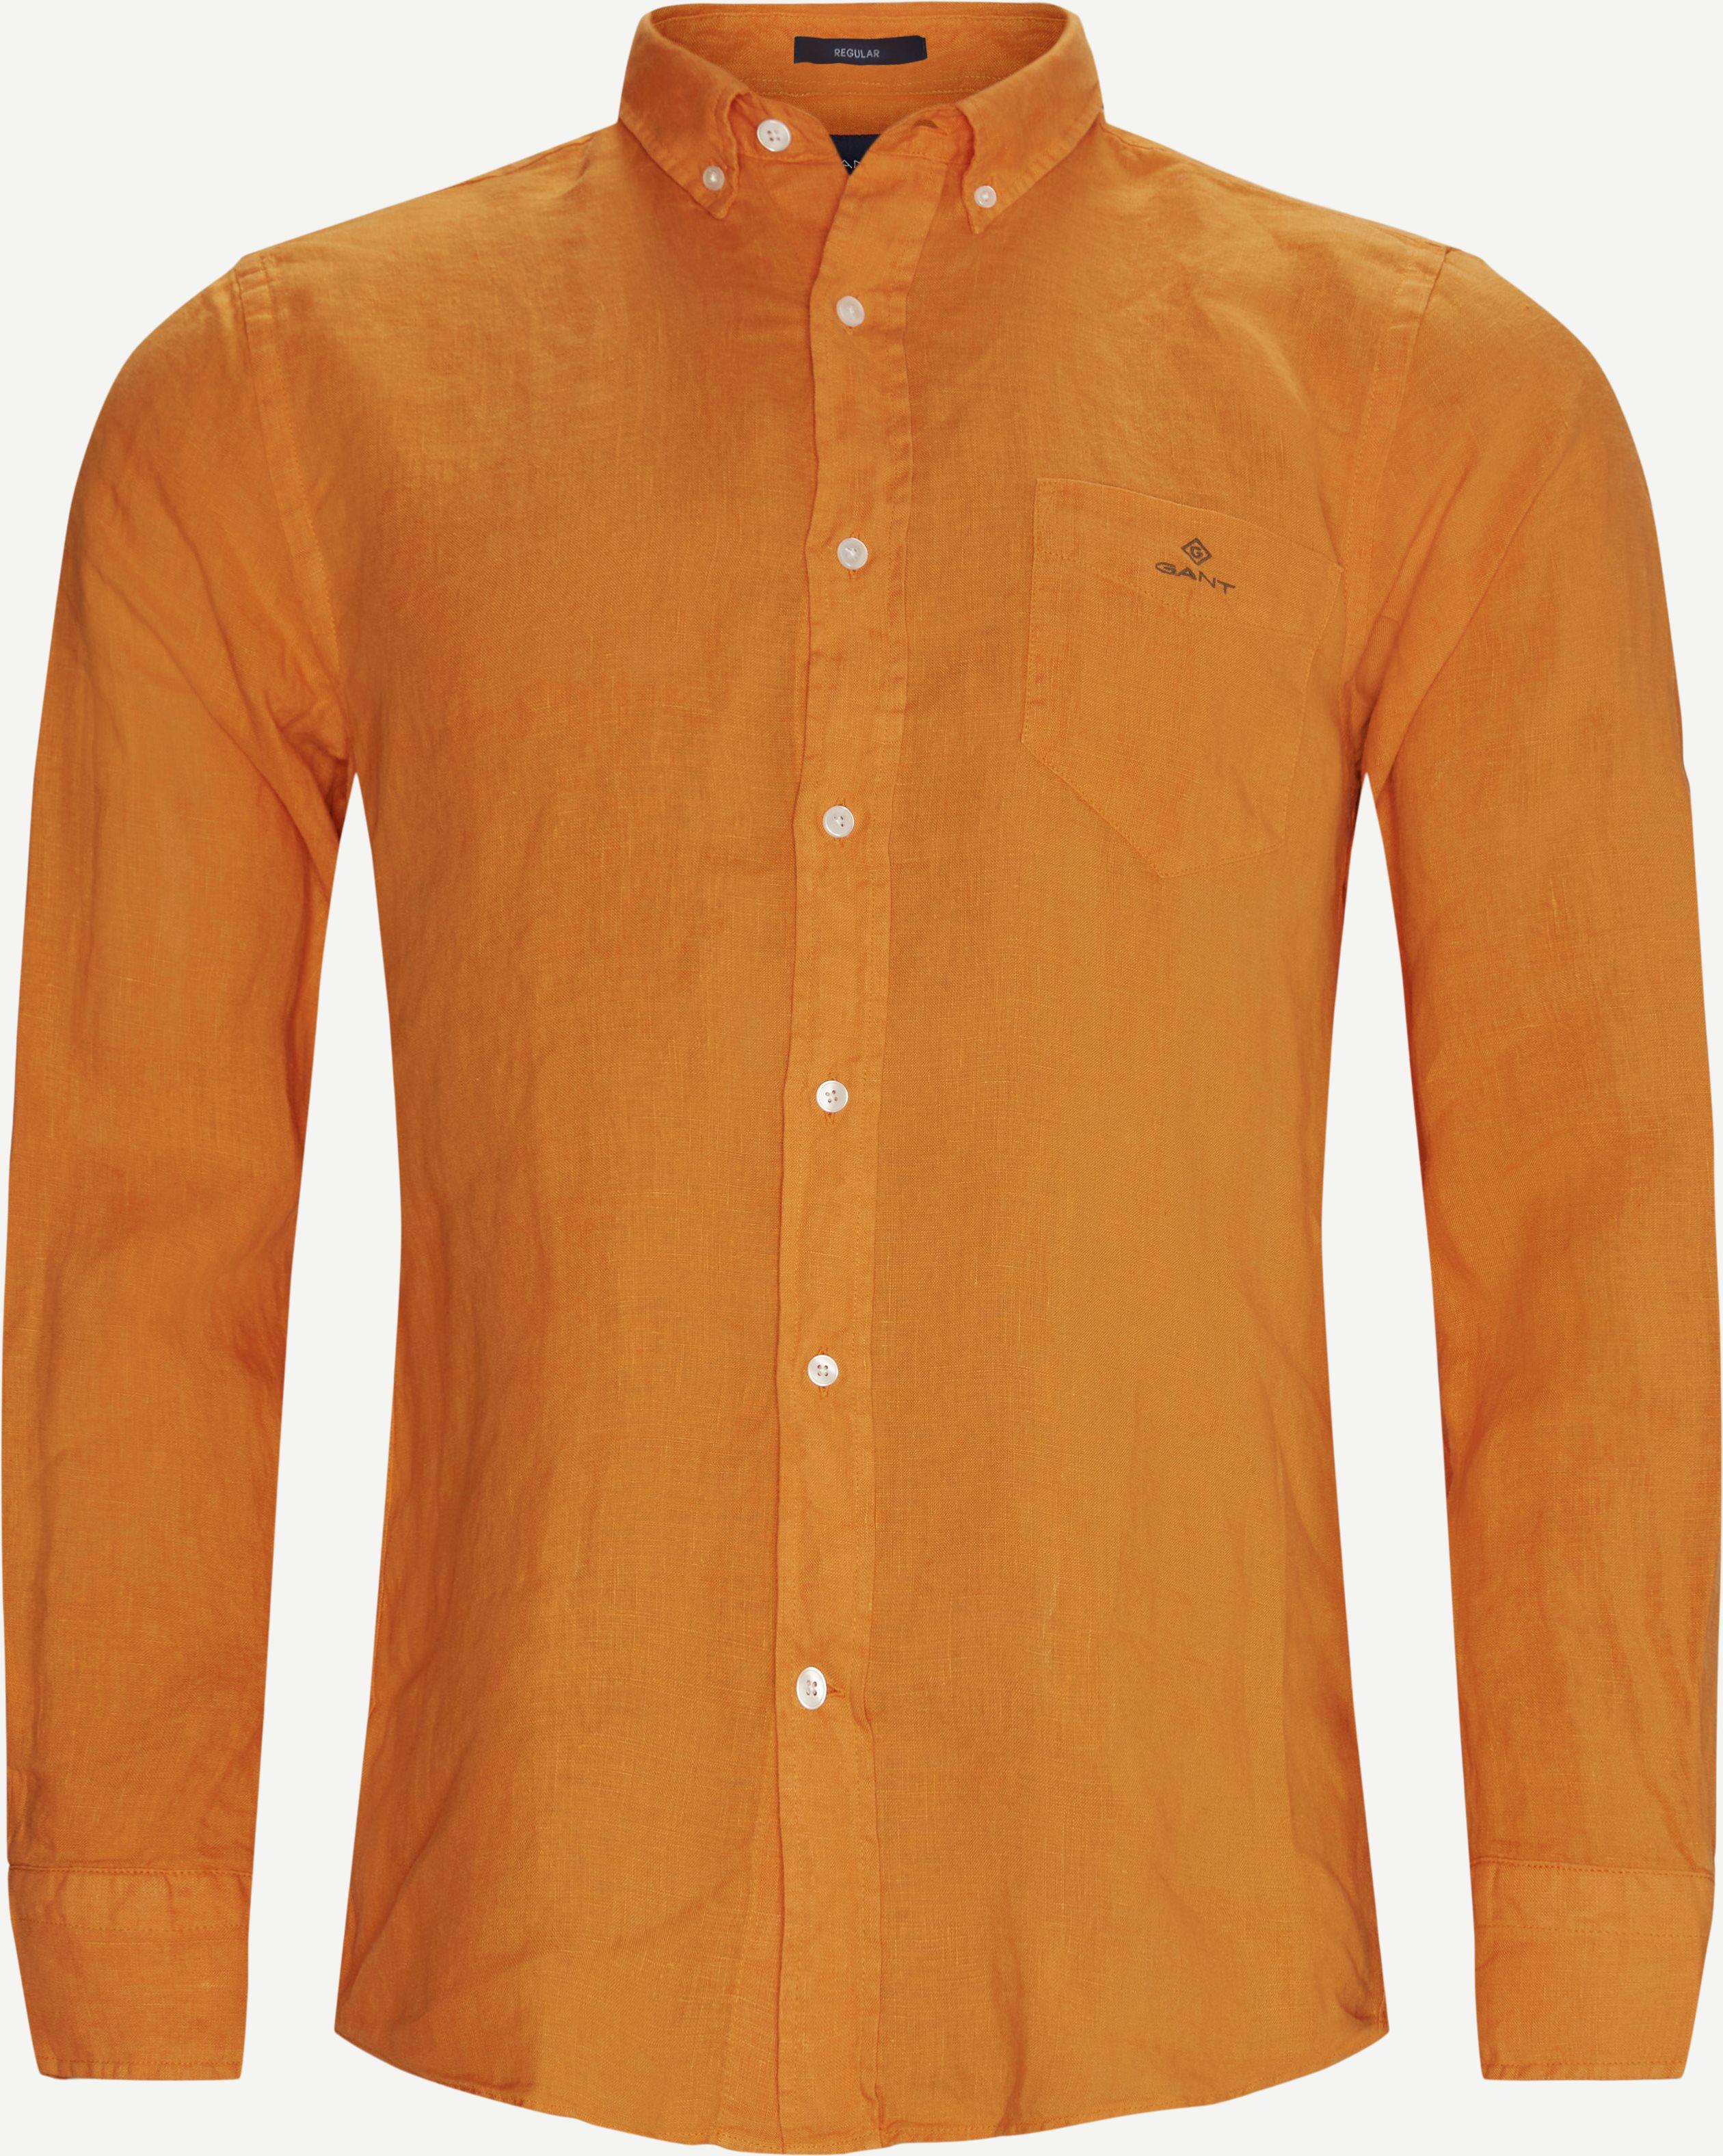 Shirts - Regular - Orange